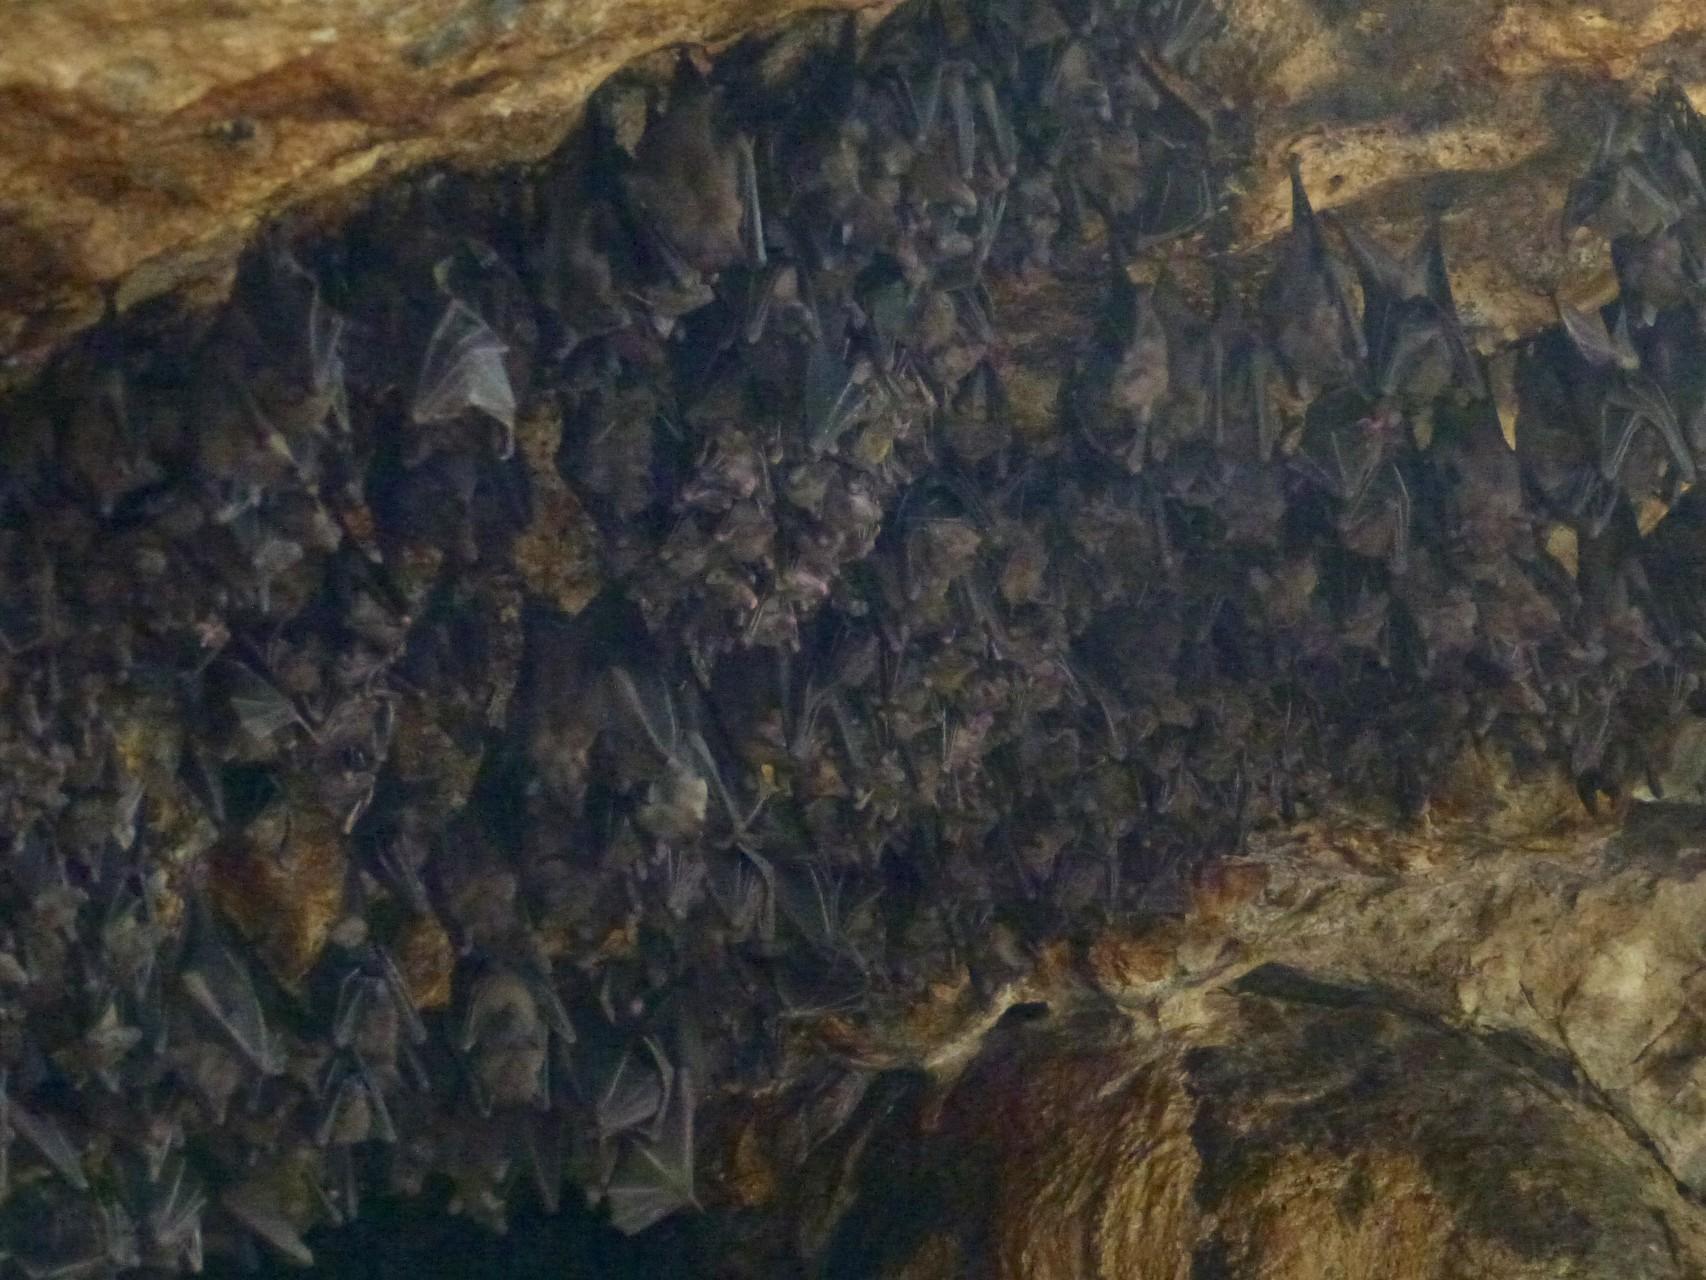 Viele Fledermäuse hängen am Höhleneingang